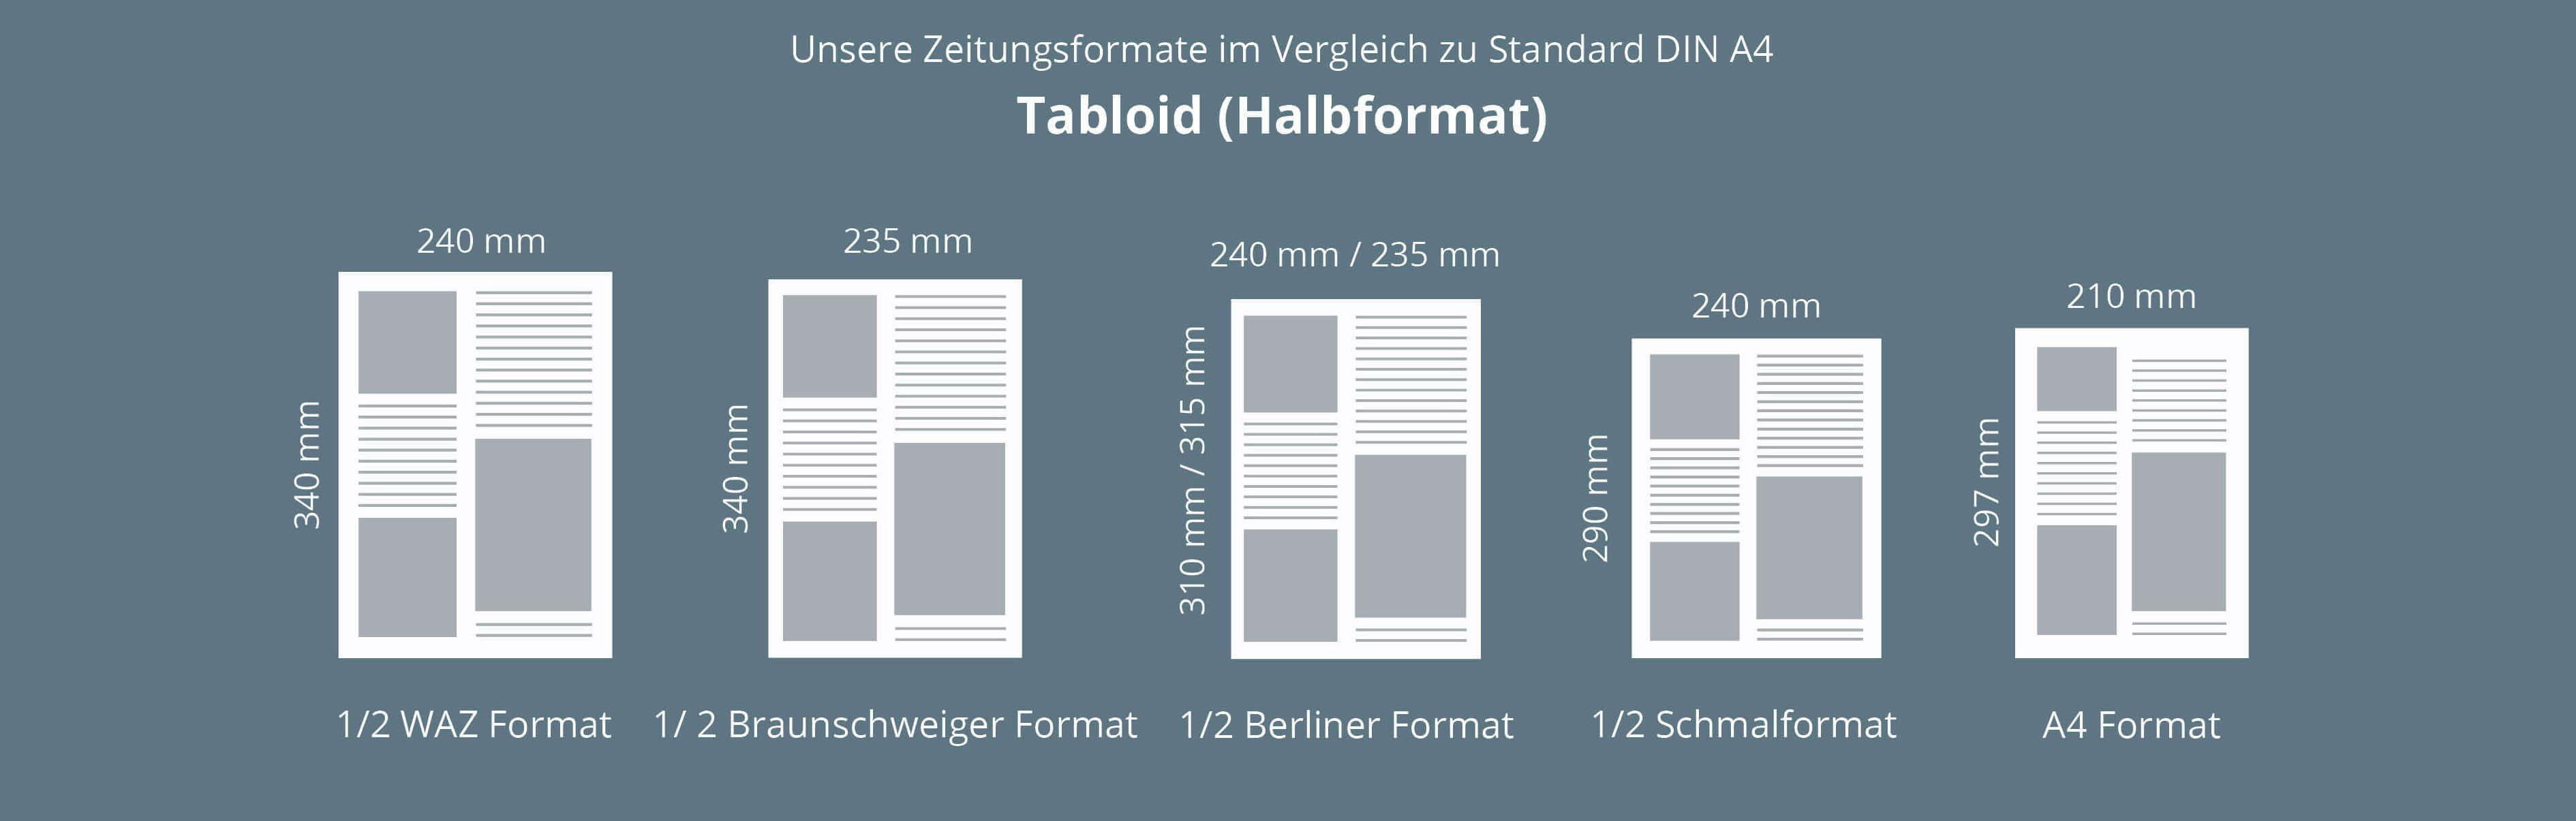 Handliche Tabloid-Formate für Zeitungen im industriellen Offsetdruck